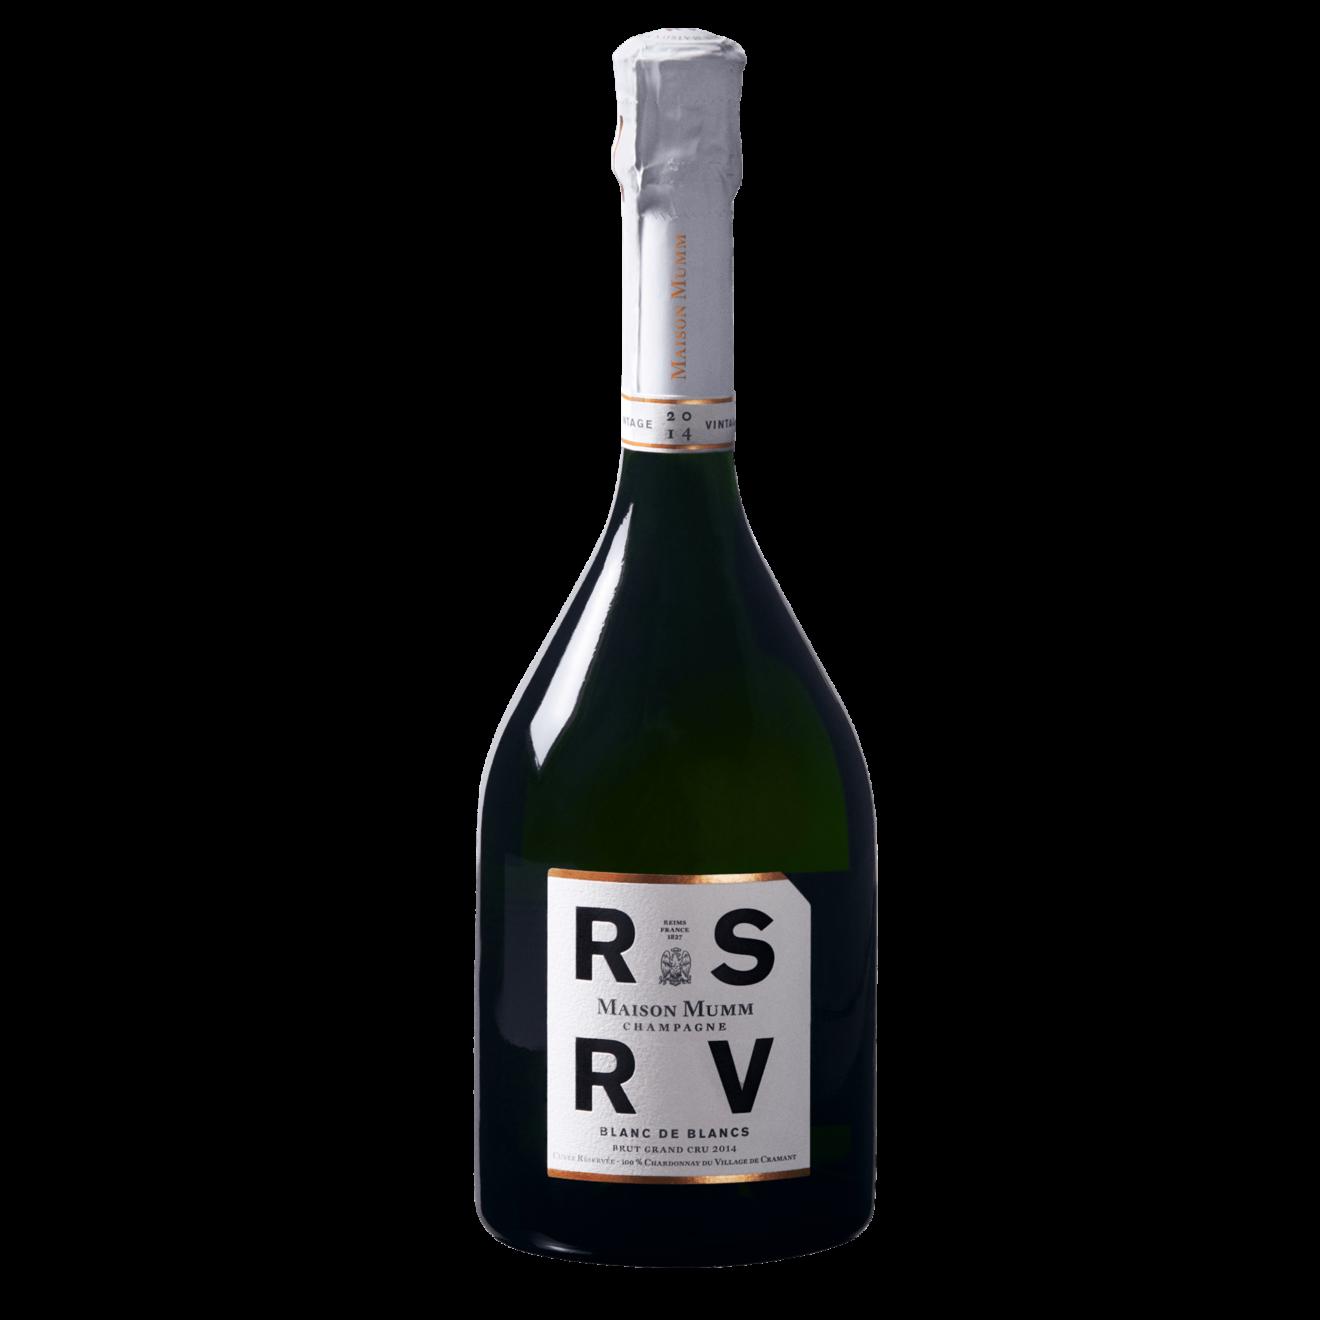 RSRV-Blanc de Blancs-75cl-packshot5